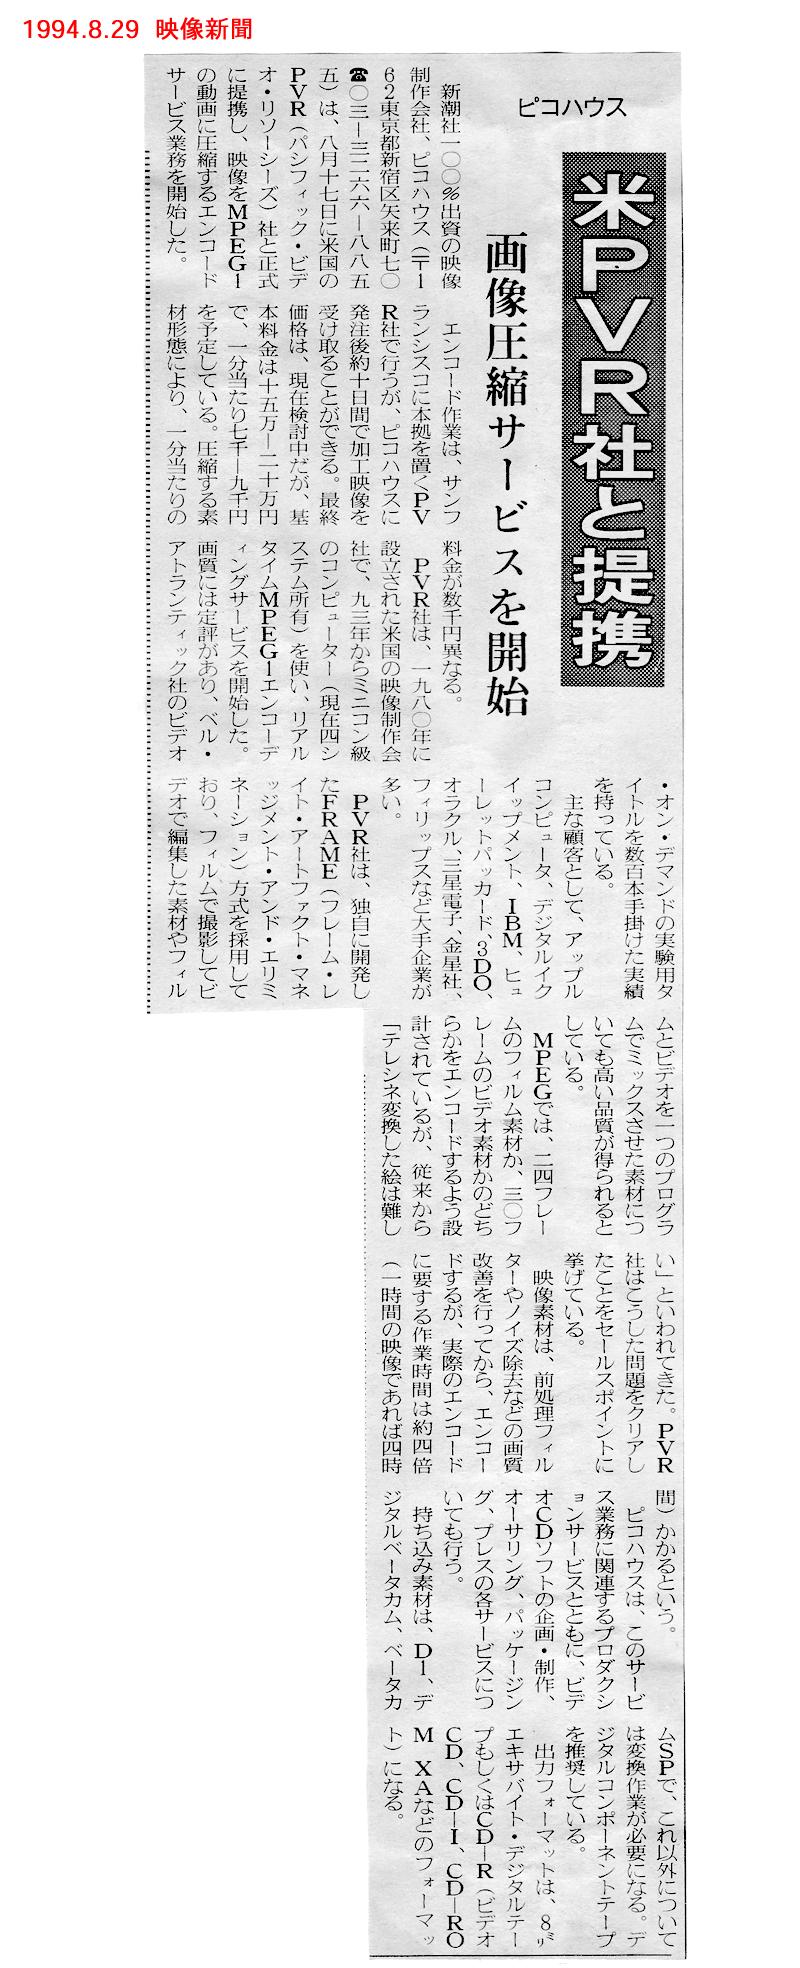 1994.8.29 映像新聞